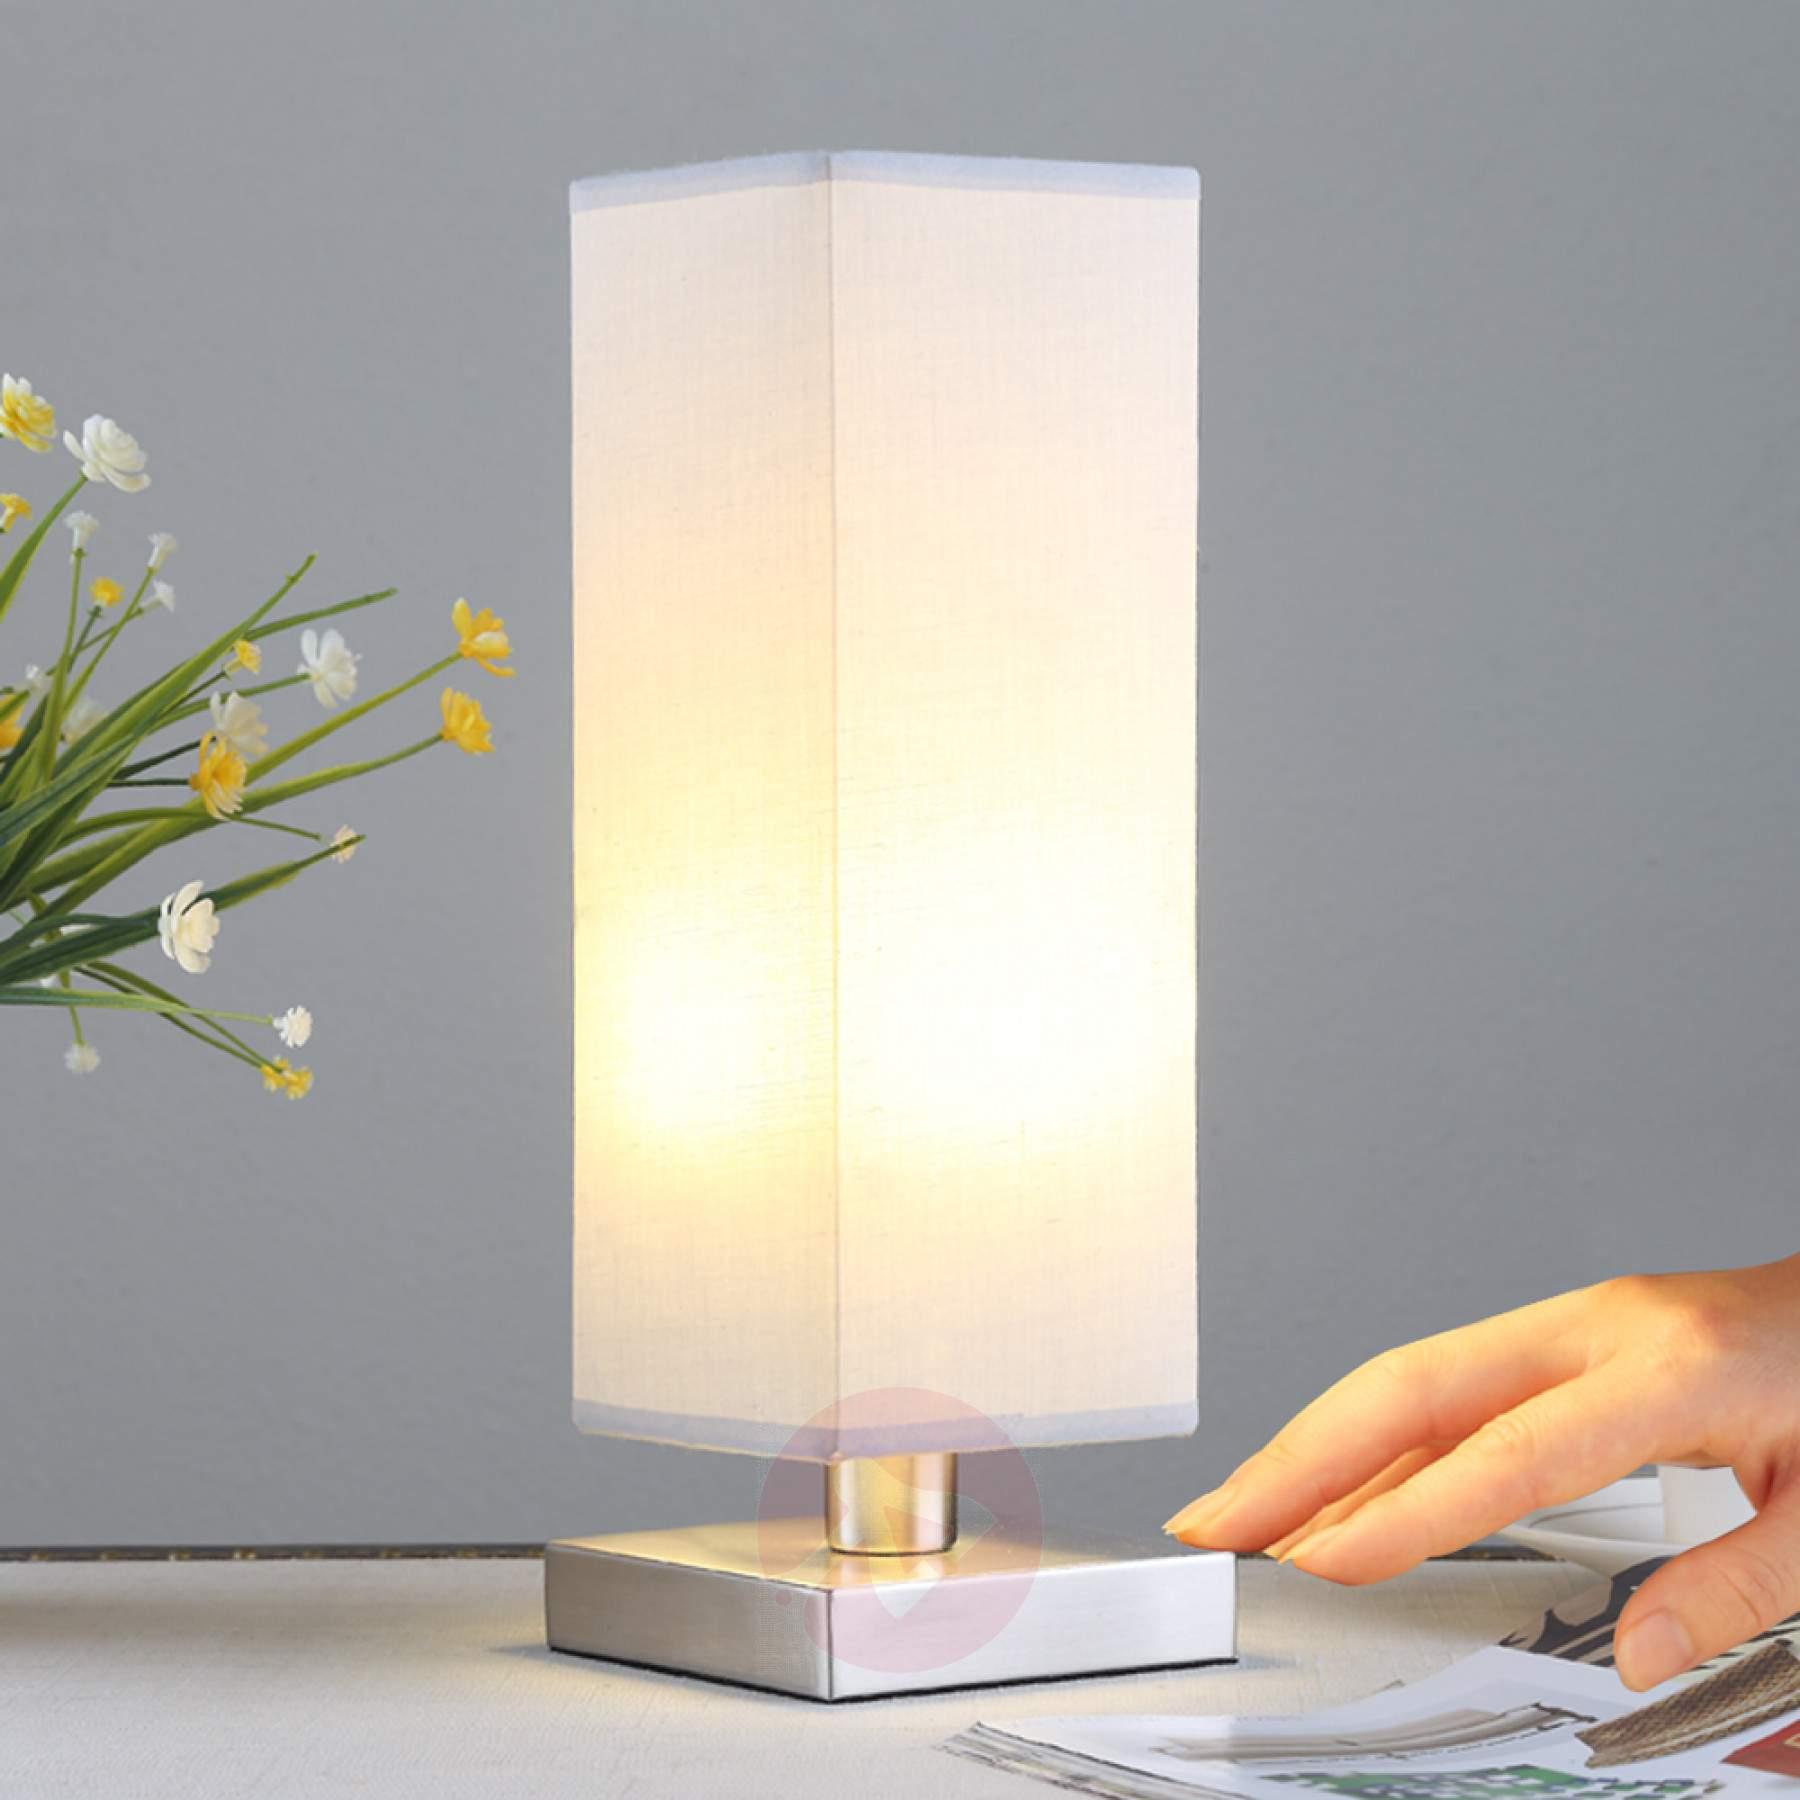 Idée Et Chevet Luminaire Lampe De Maison yb7Yvf6gIm